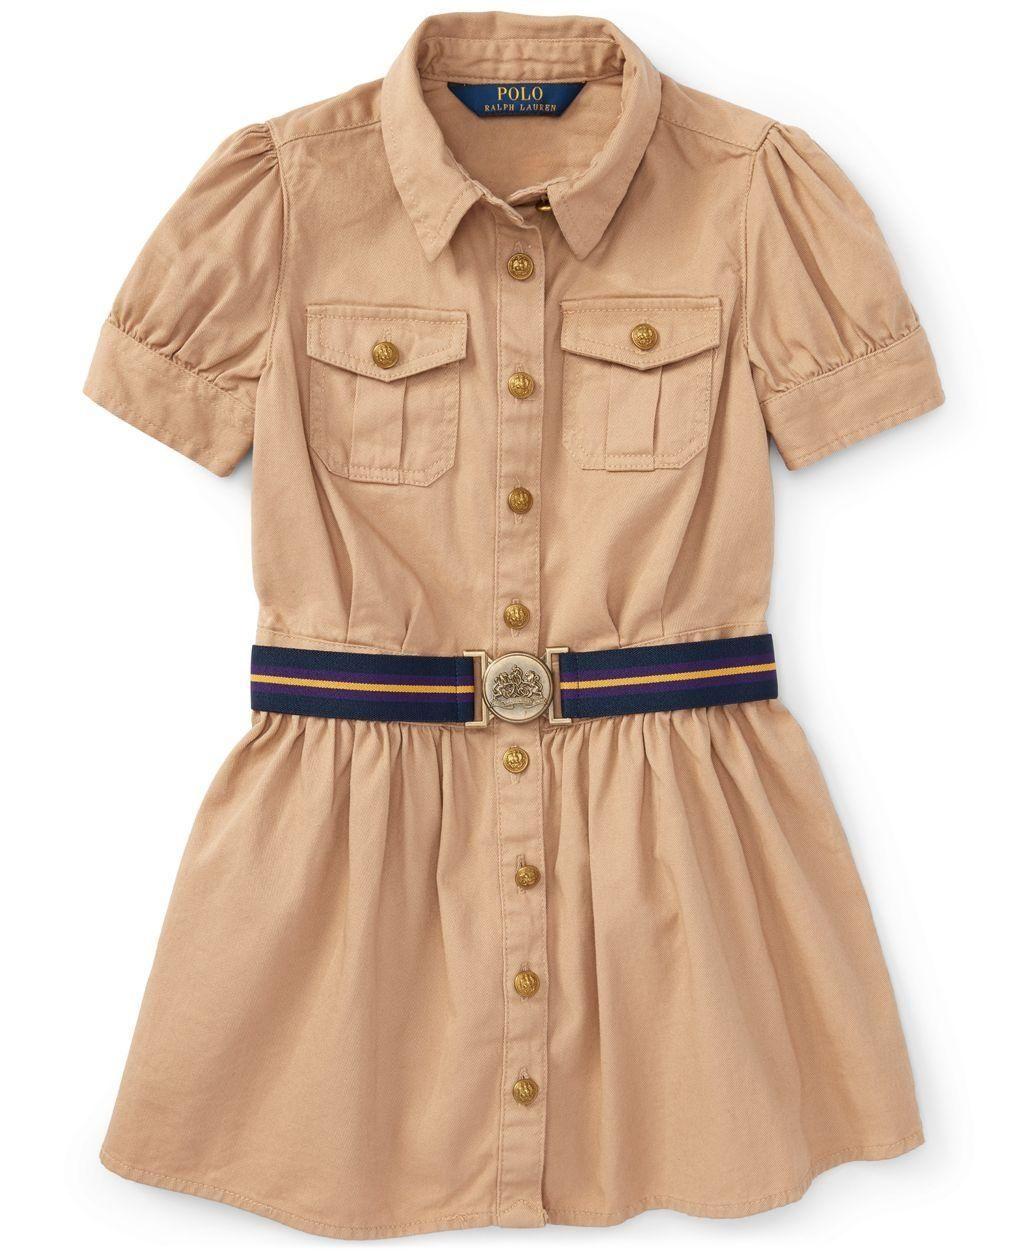 Ralph Lauren Girls' Chino Shirtdress - Brought to you by Avarsha.com